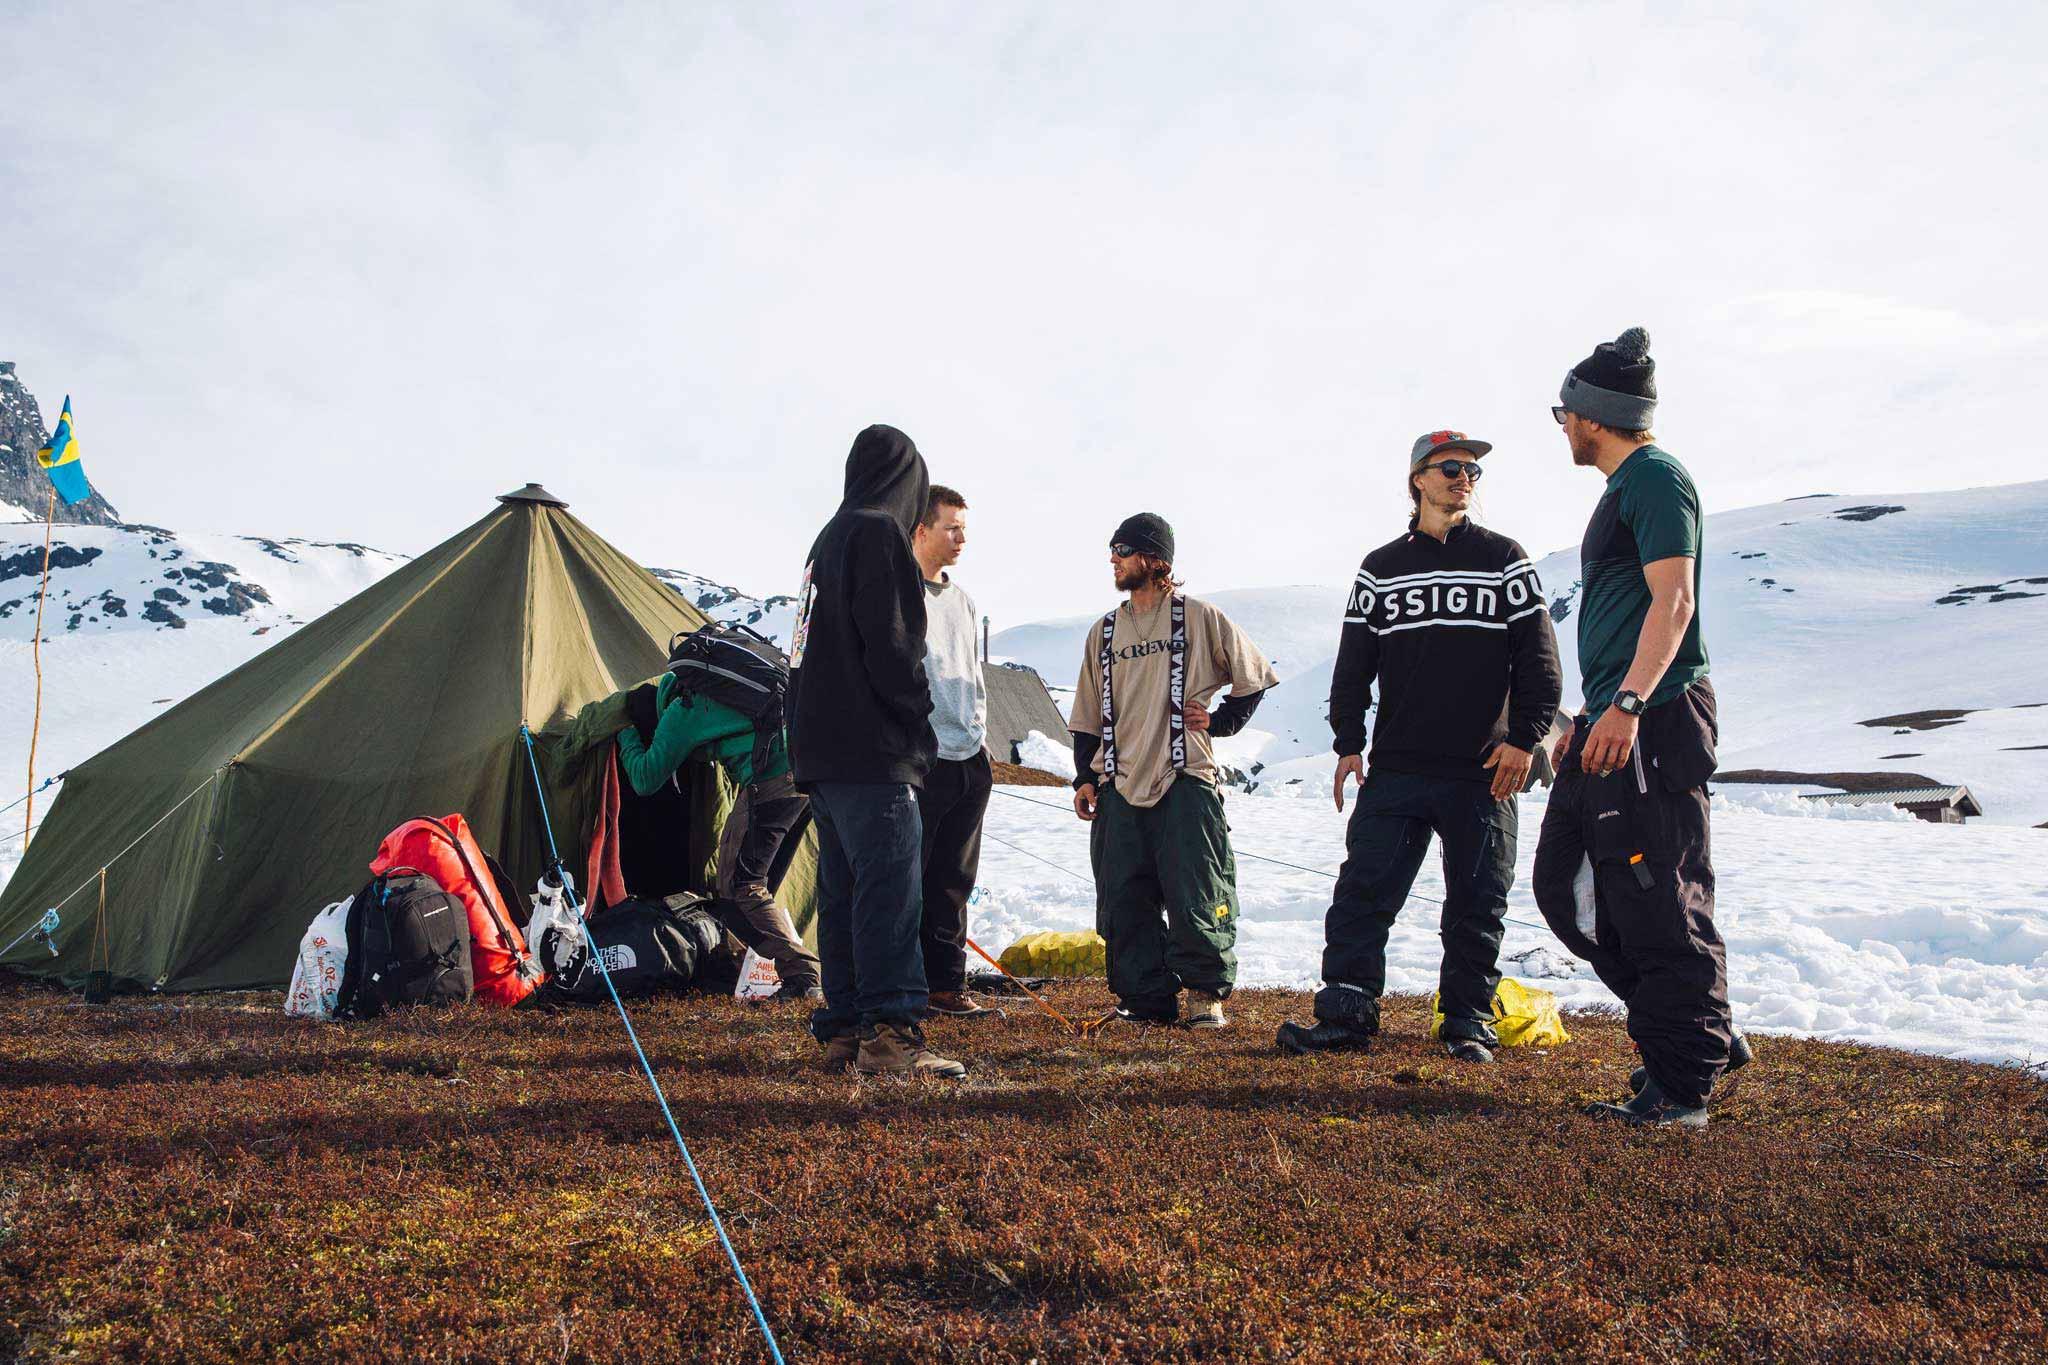 1,5 Monate campte die Crew für diesen Part unter der Mitternachtssonne in Schweden. - Foto: Sofia Sjoeberg